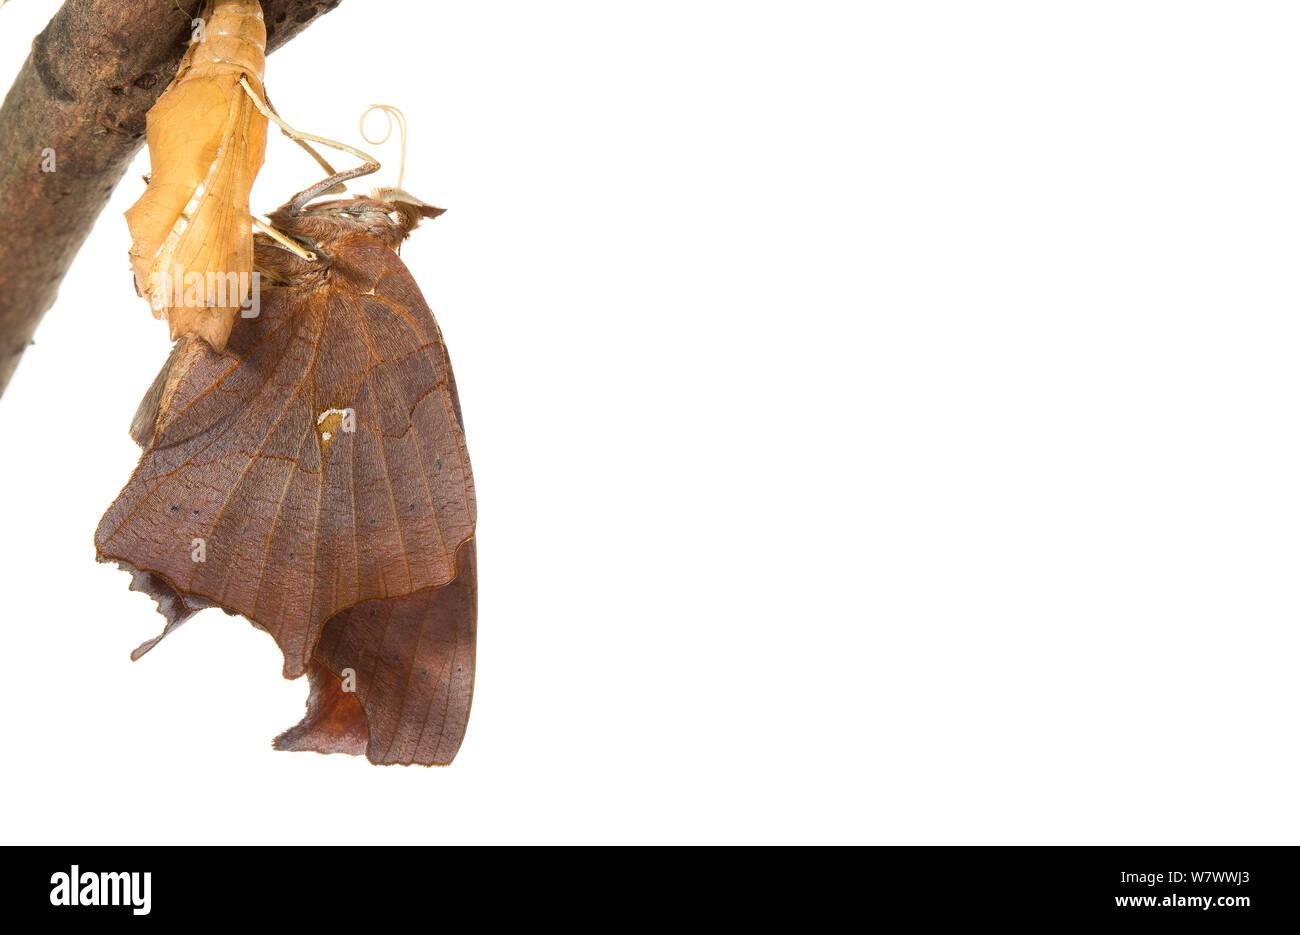 Signo de interrogación (mariposa Polygonia interrogationis) emergentes, cuenca Anacostia, Washington DC, EE.UU. Septiembre. Secuencia 8 de 11. Proyecto Meetyourneighbors.net. Foto de stock